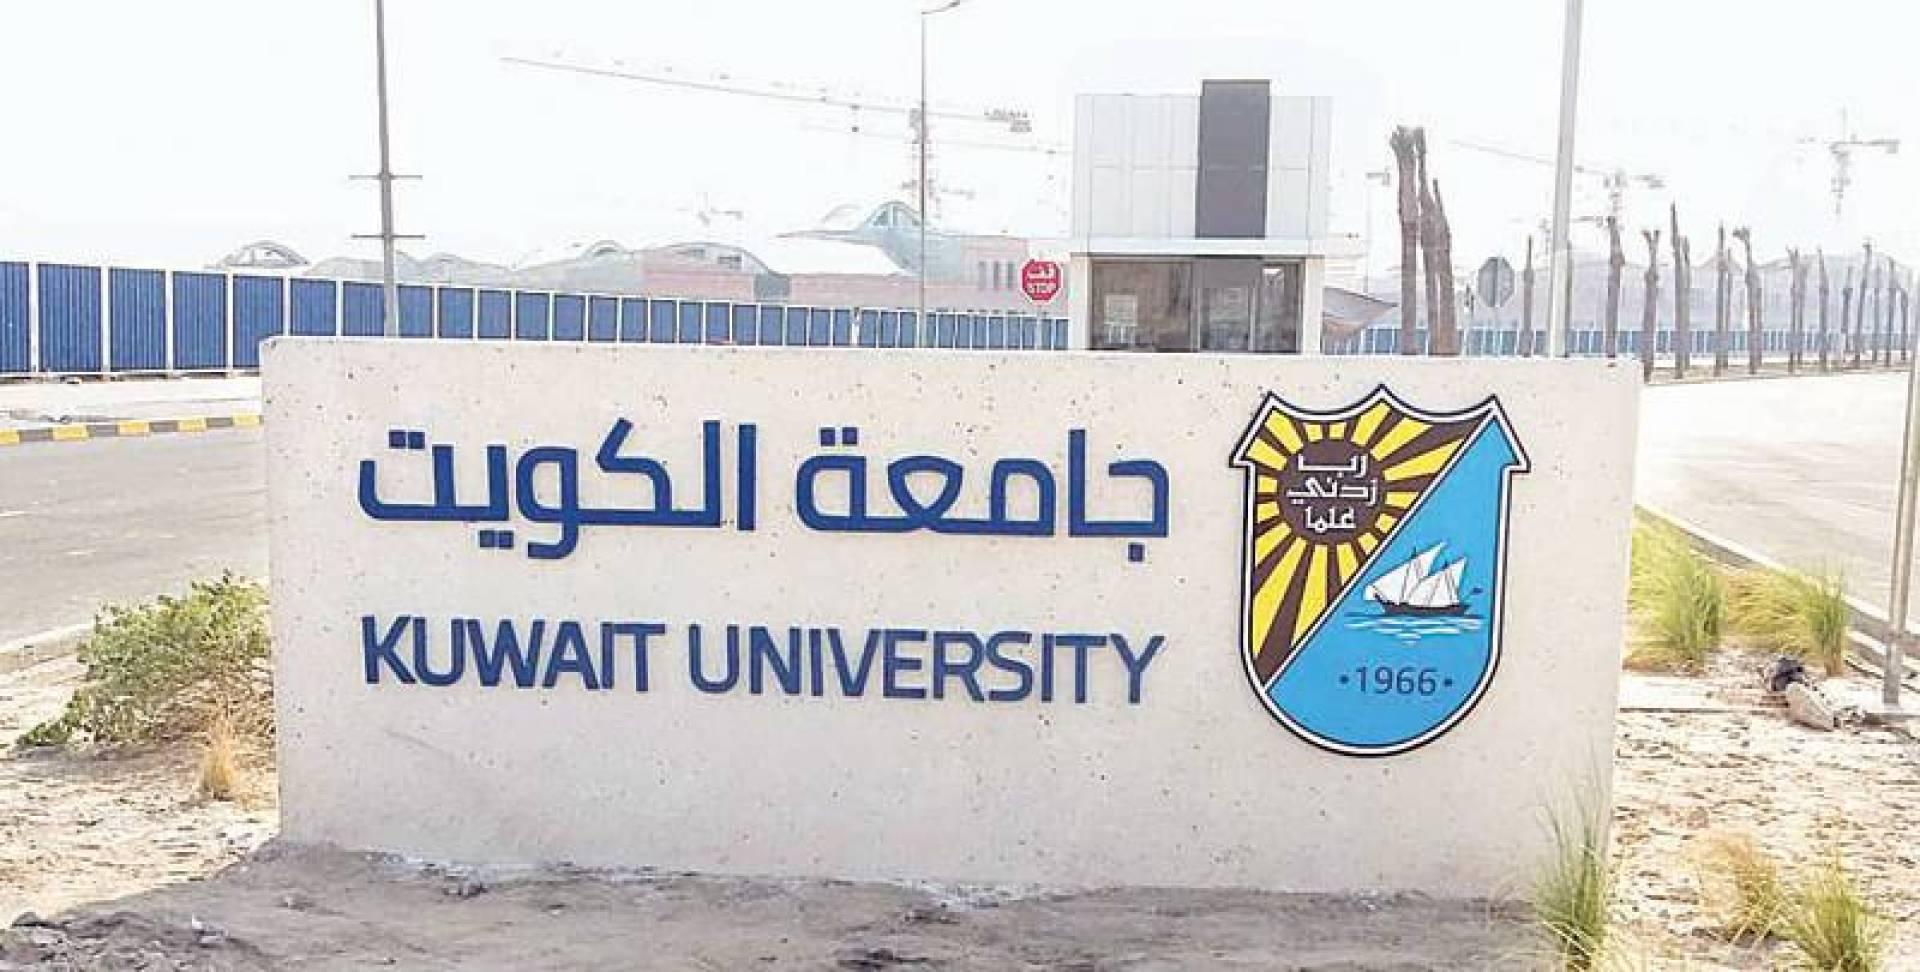 الطالب المفصول من جامعة الكويت.. يعود للدراسة بحكم القانون